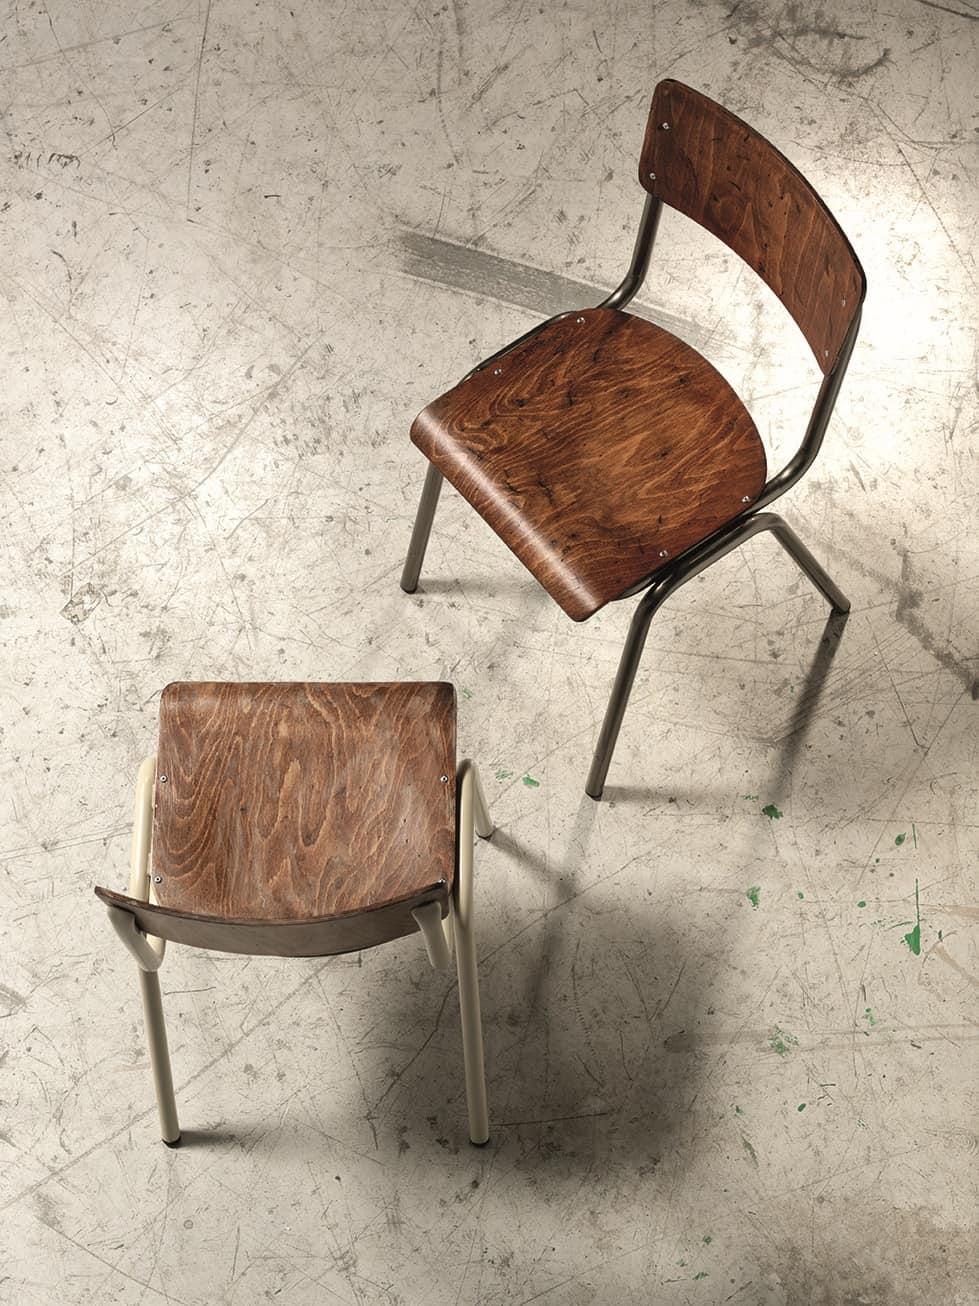 2.06.0, Sedia in metallo con seduta e schienale in legno, per chiese